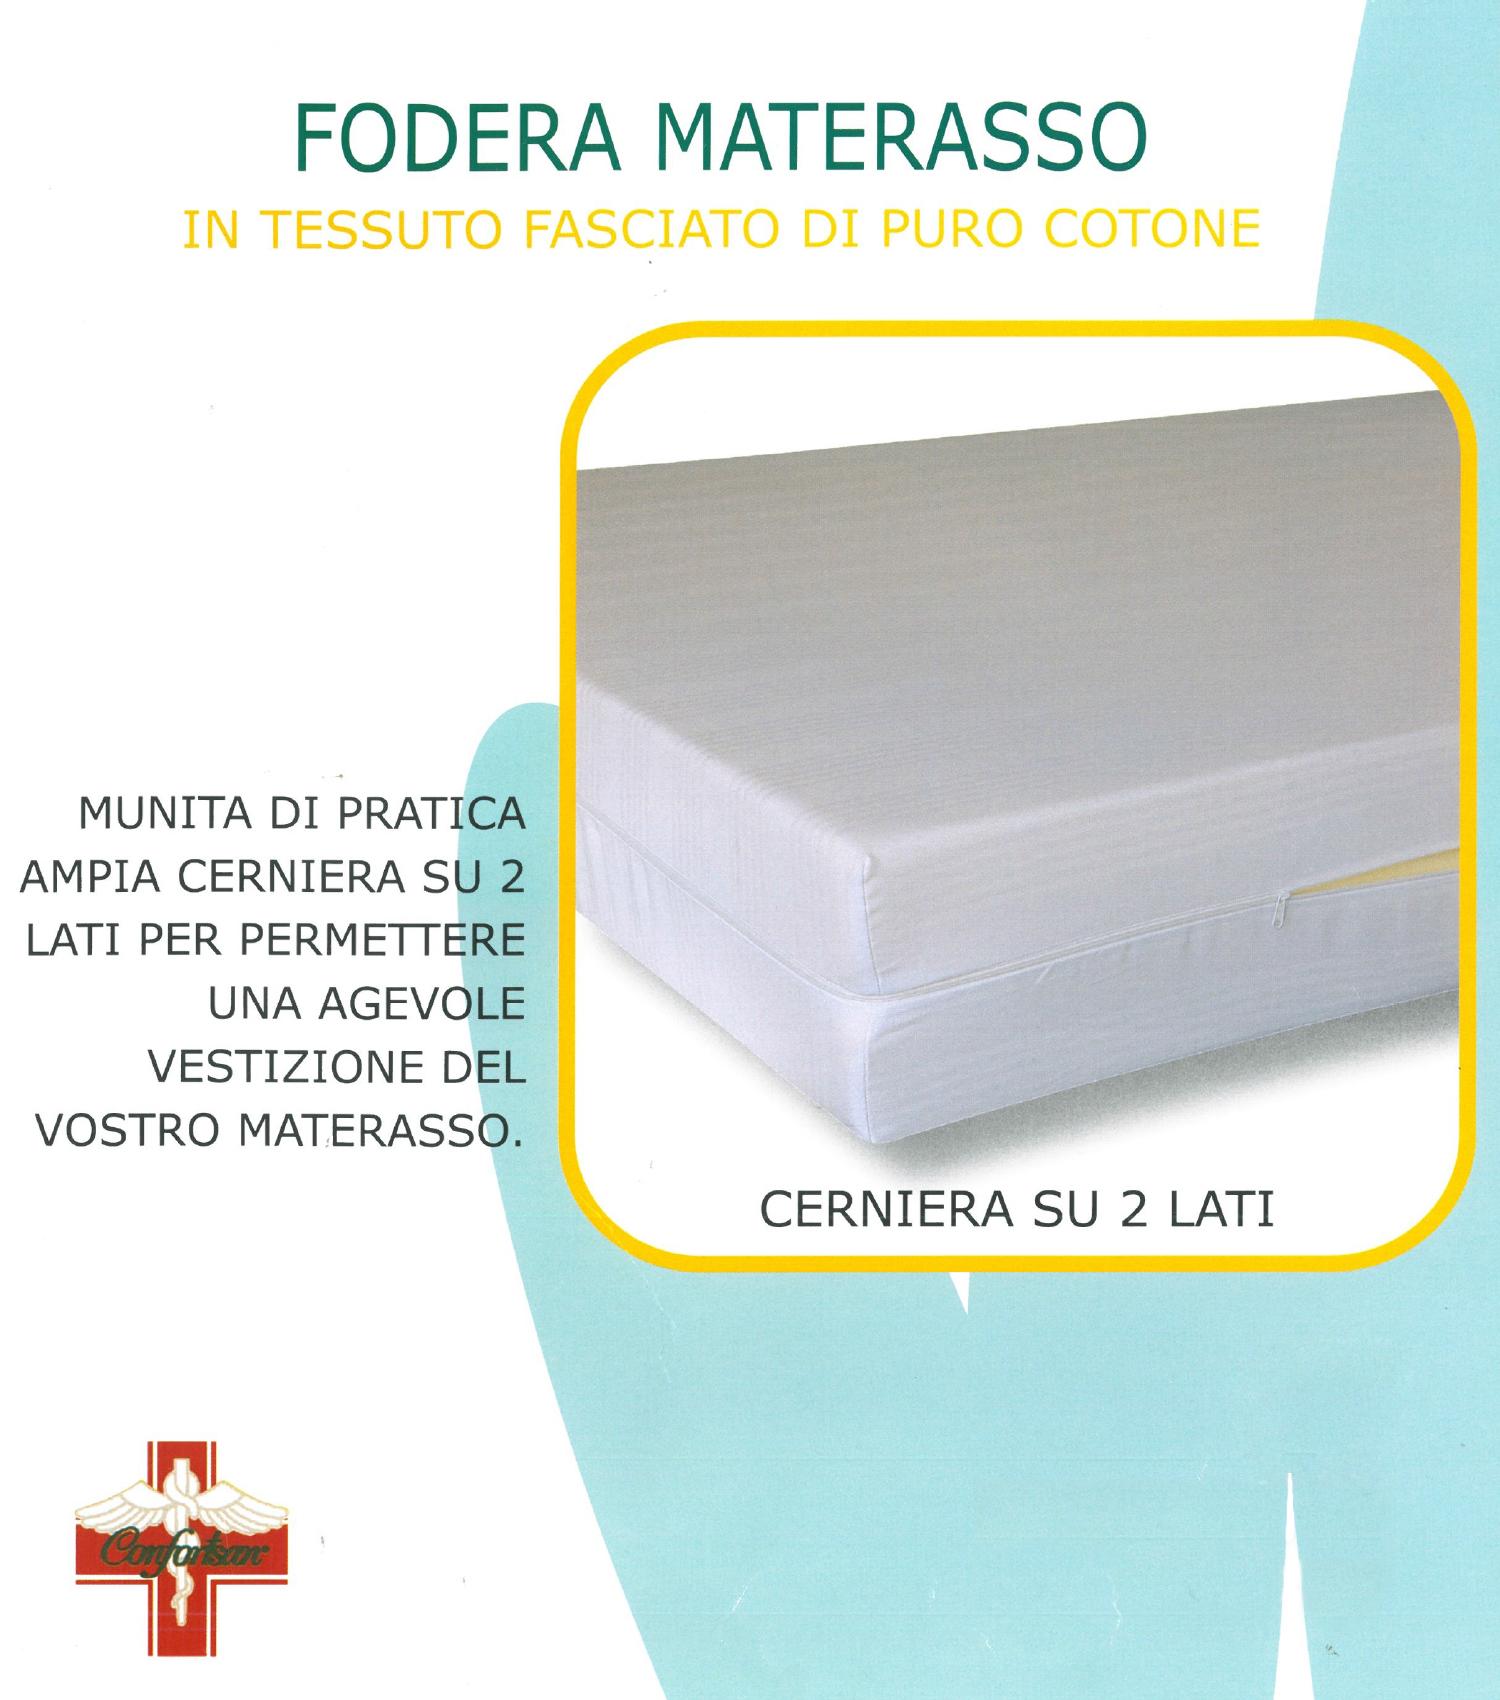 Coprimaterasso Sacco Con Cerniera.Coprimaterasso 1 Piazza E Mezza Cerniera Zip Sacco In Puro Cotone 120 X 195 Cm